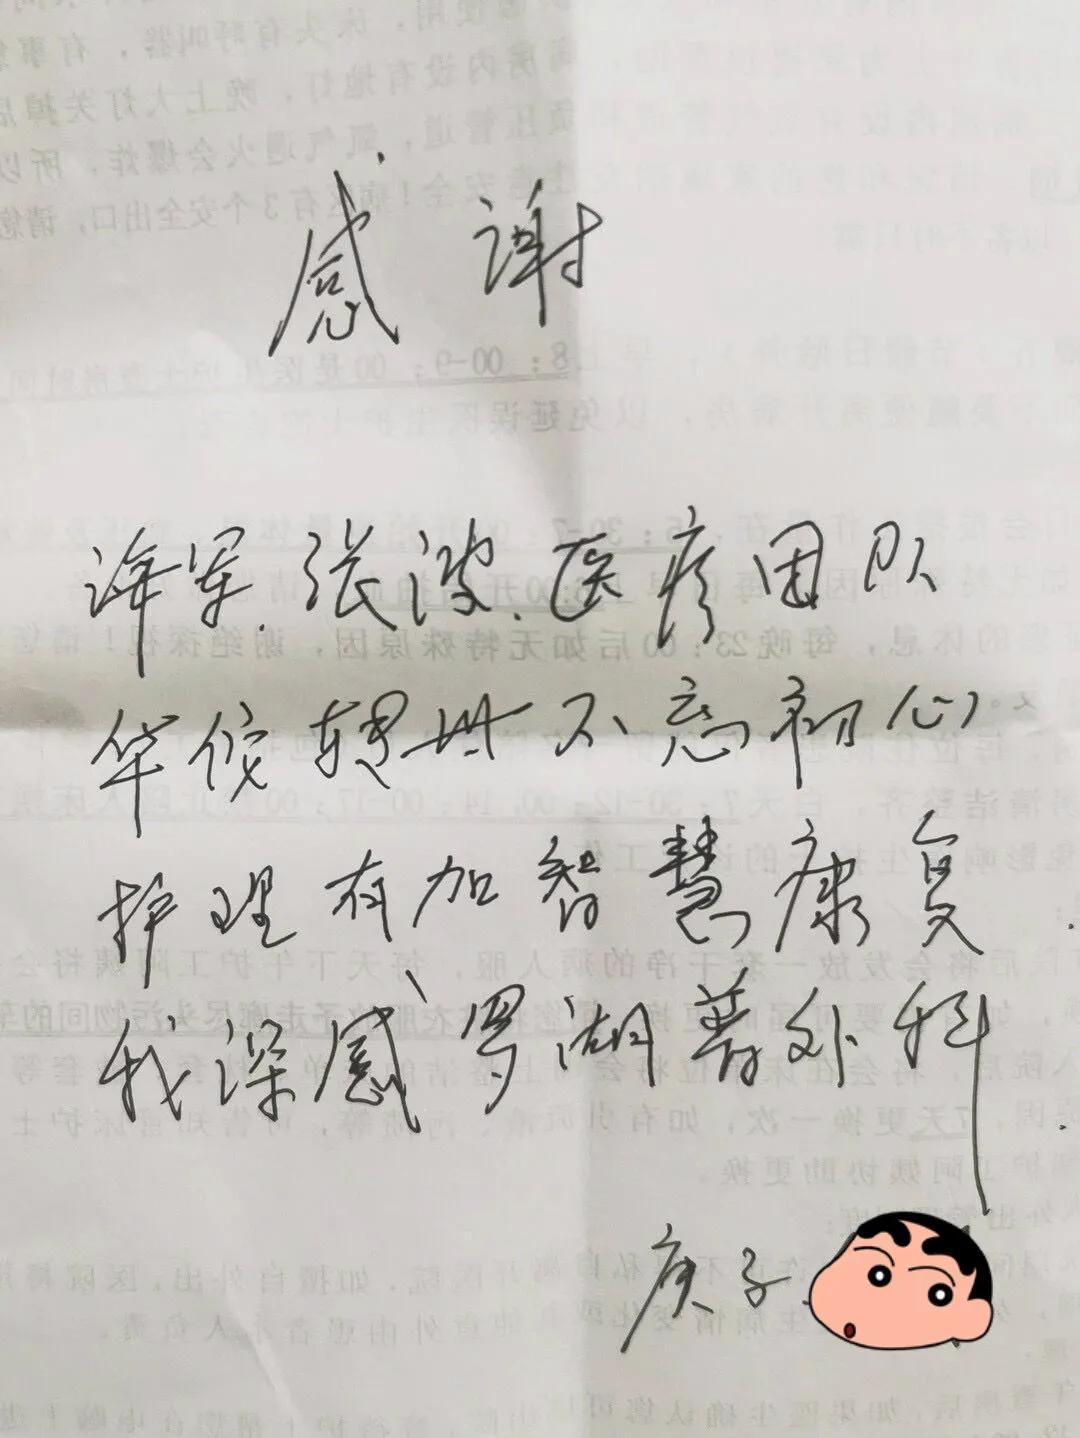 小伙凌晨腹痛紧急入院抢救,出院后给医生留下这封感谢信